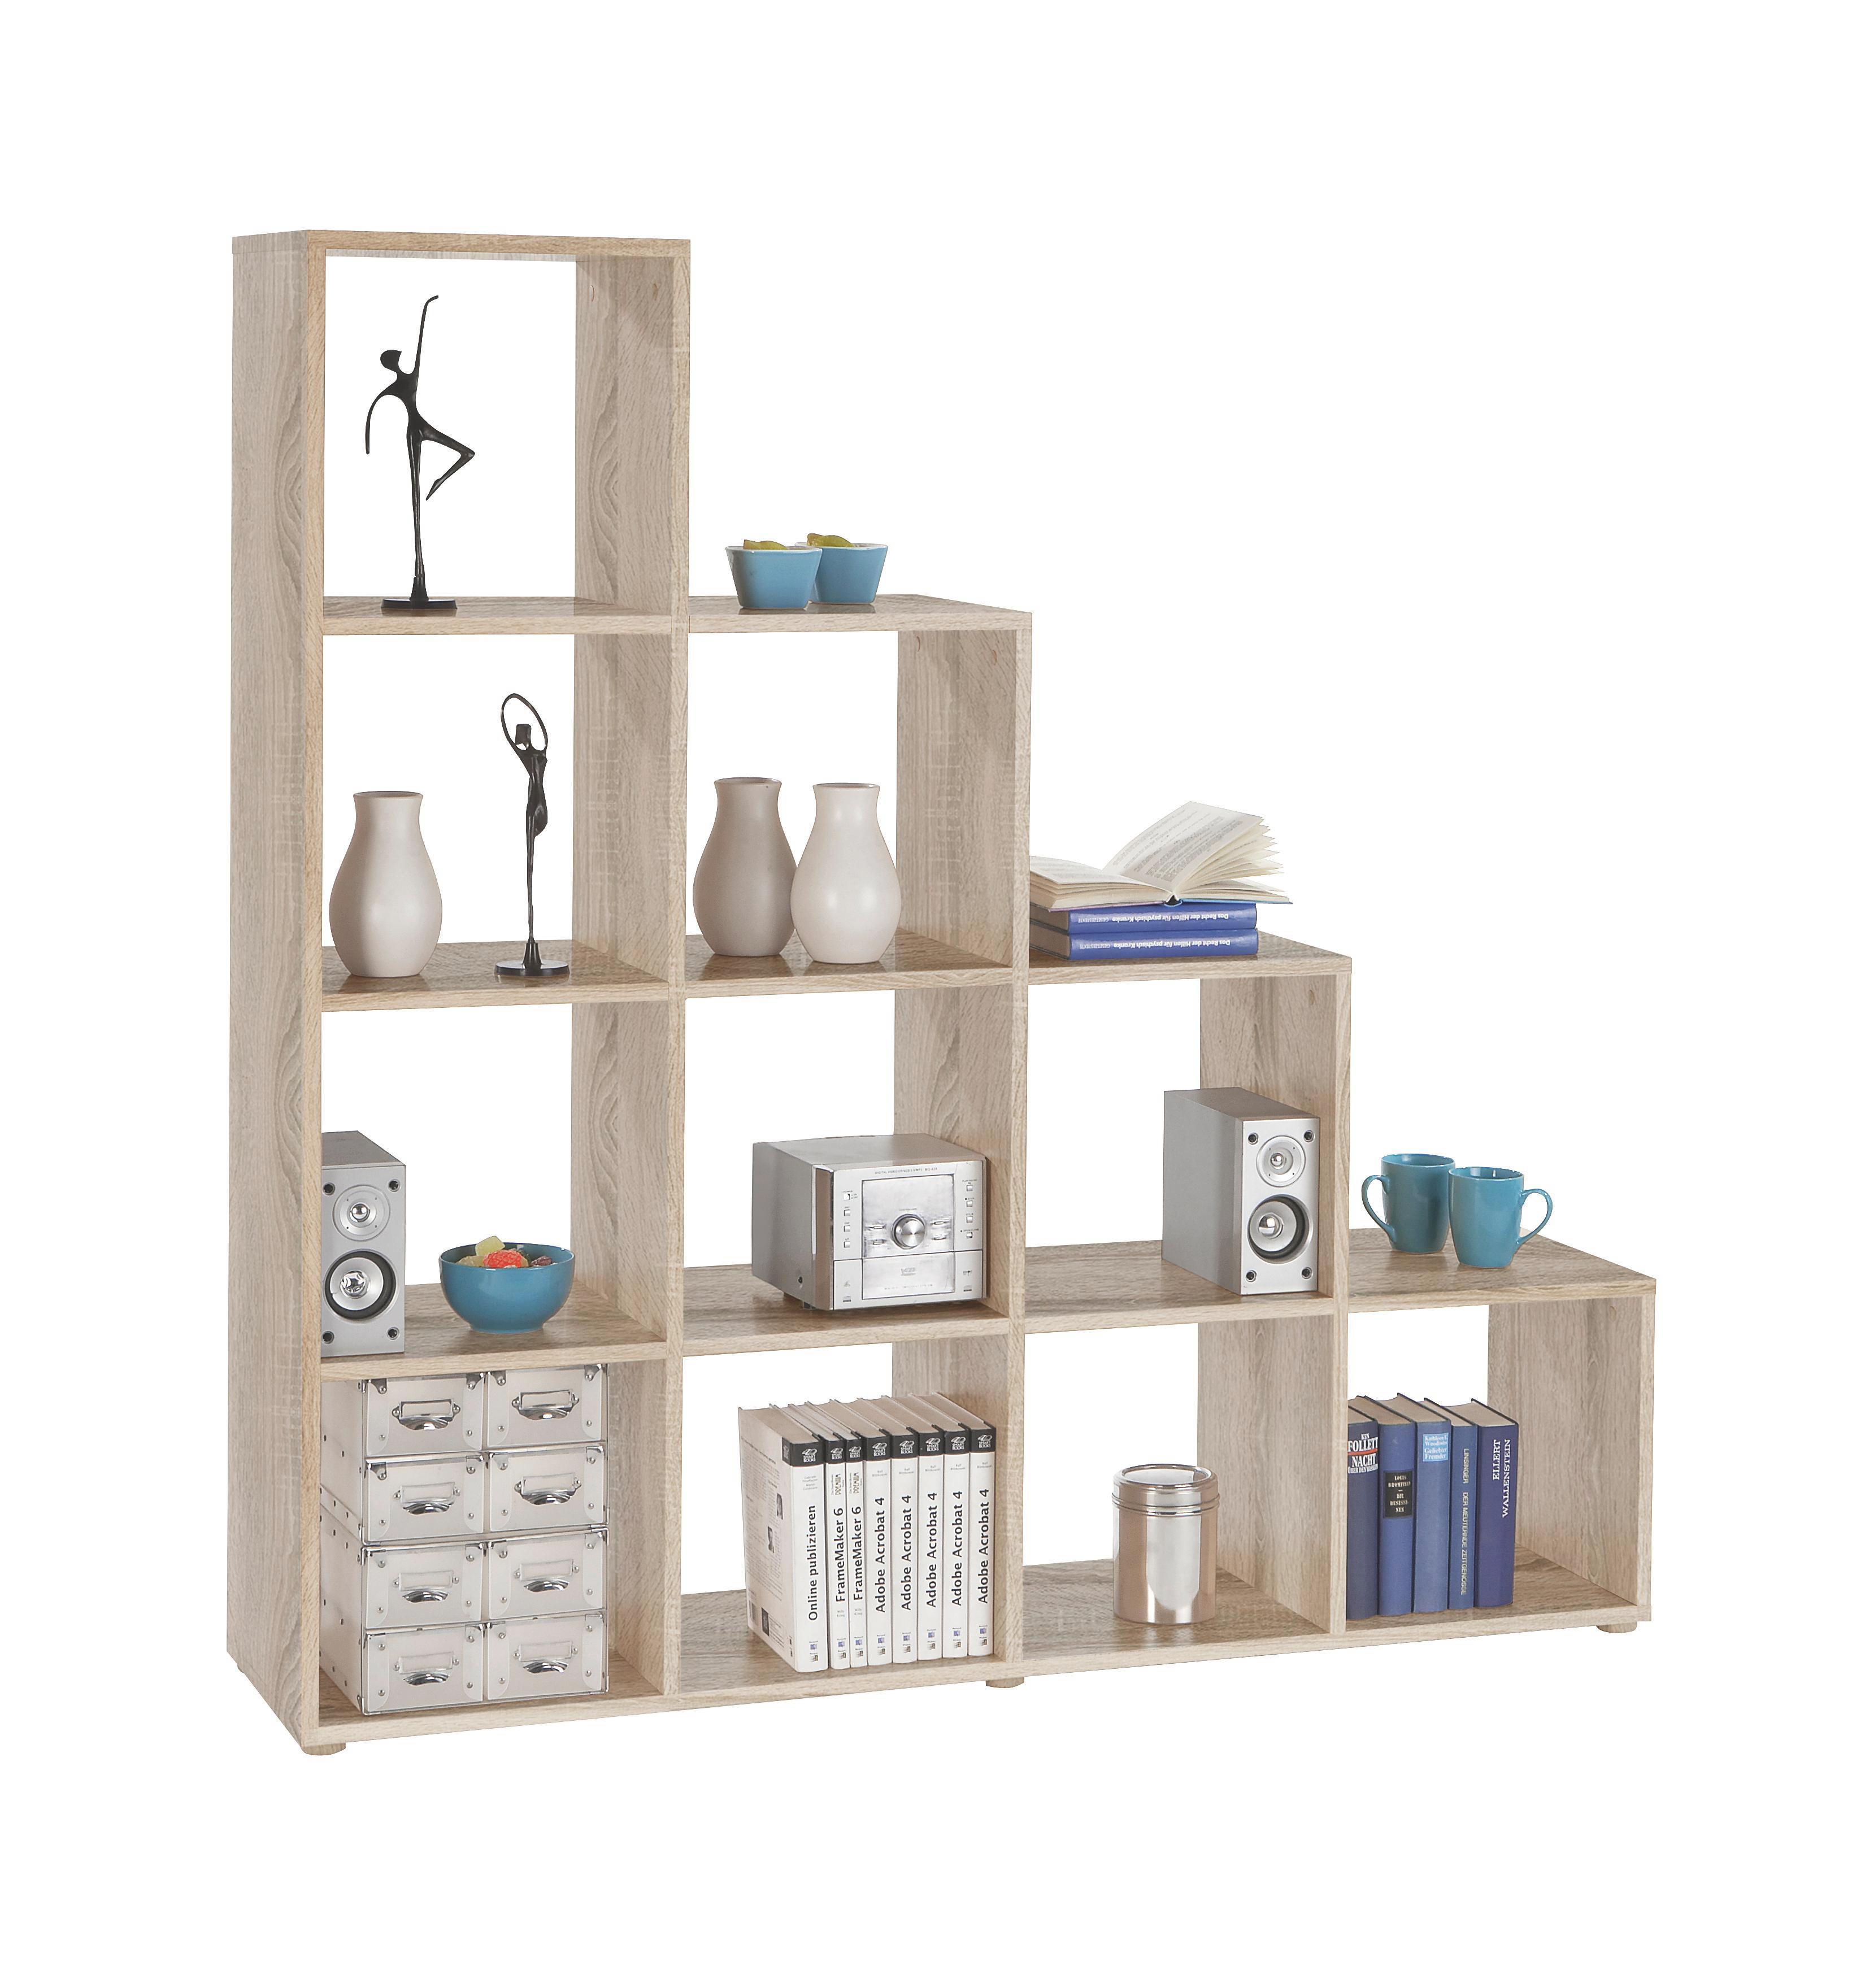 Ikea Regal Raumtrenner in 80331 München für € 5,00 zum